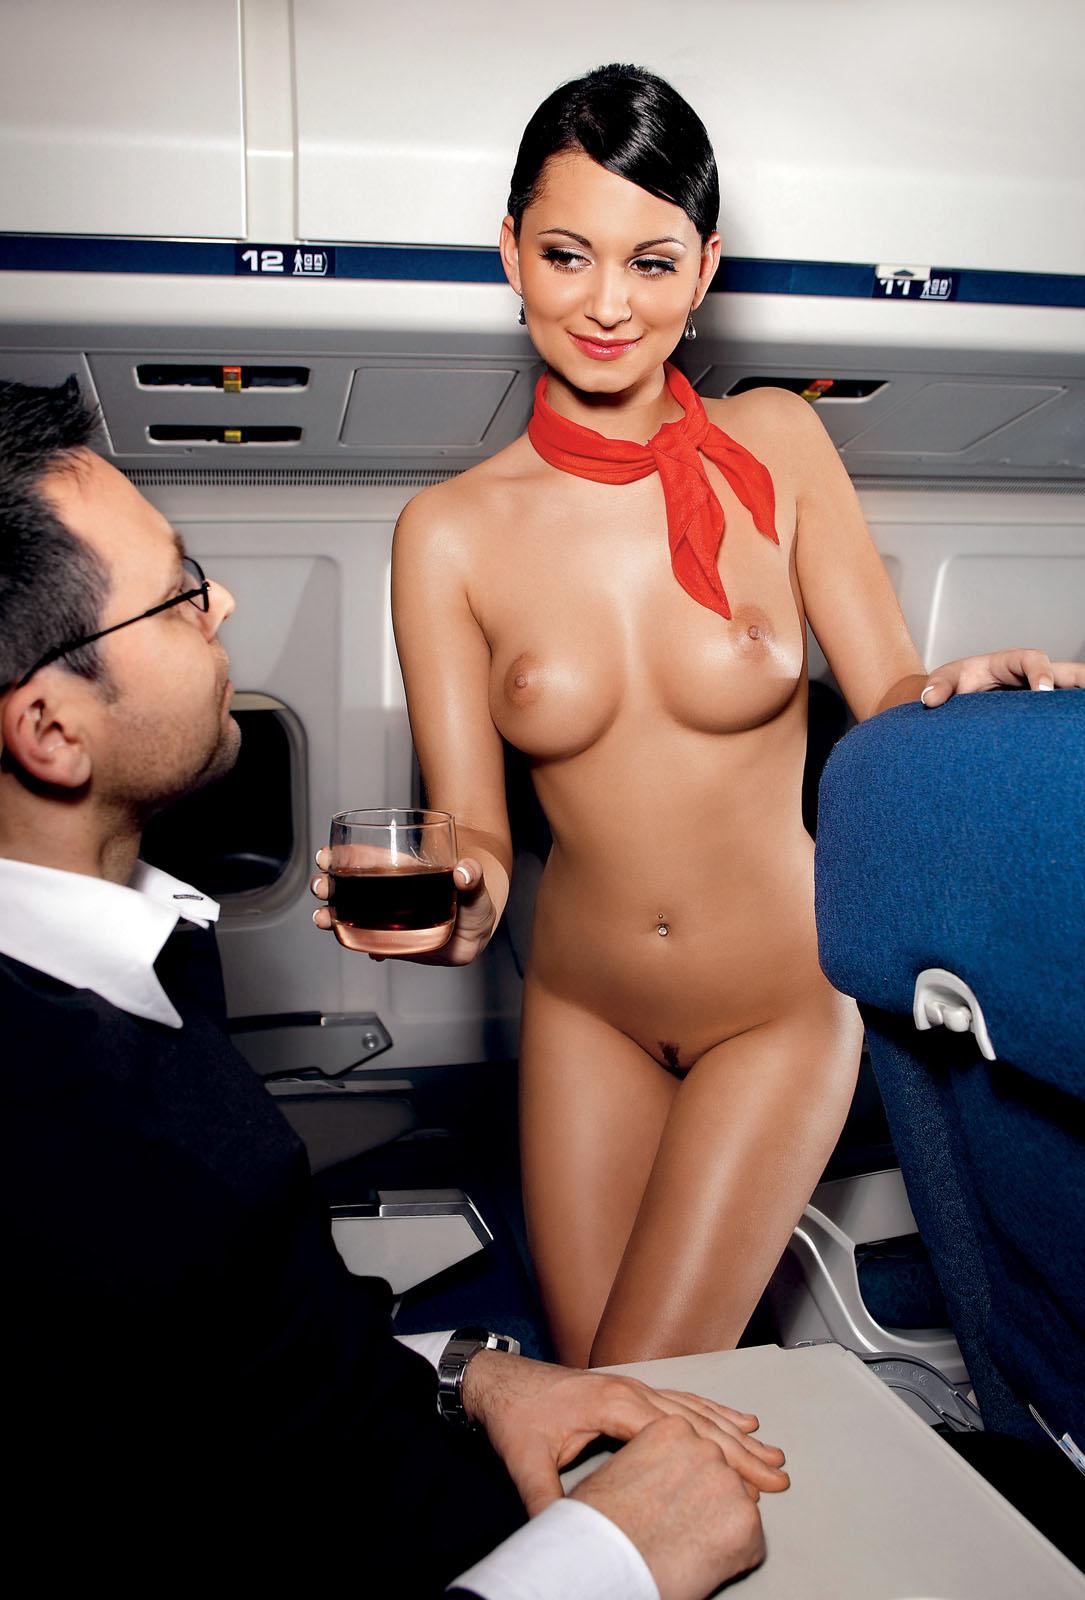 Ебут во все стюардесс роуз трахают